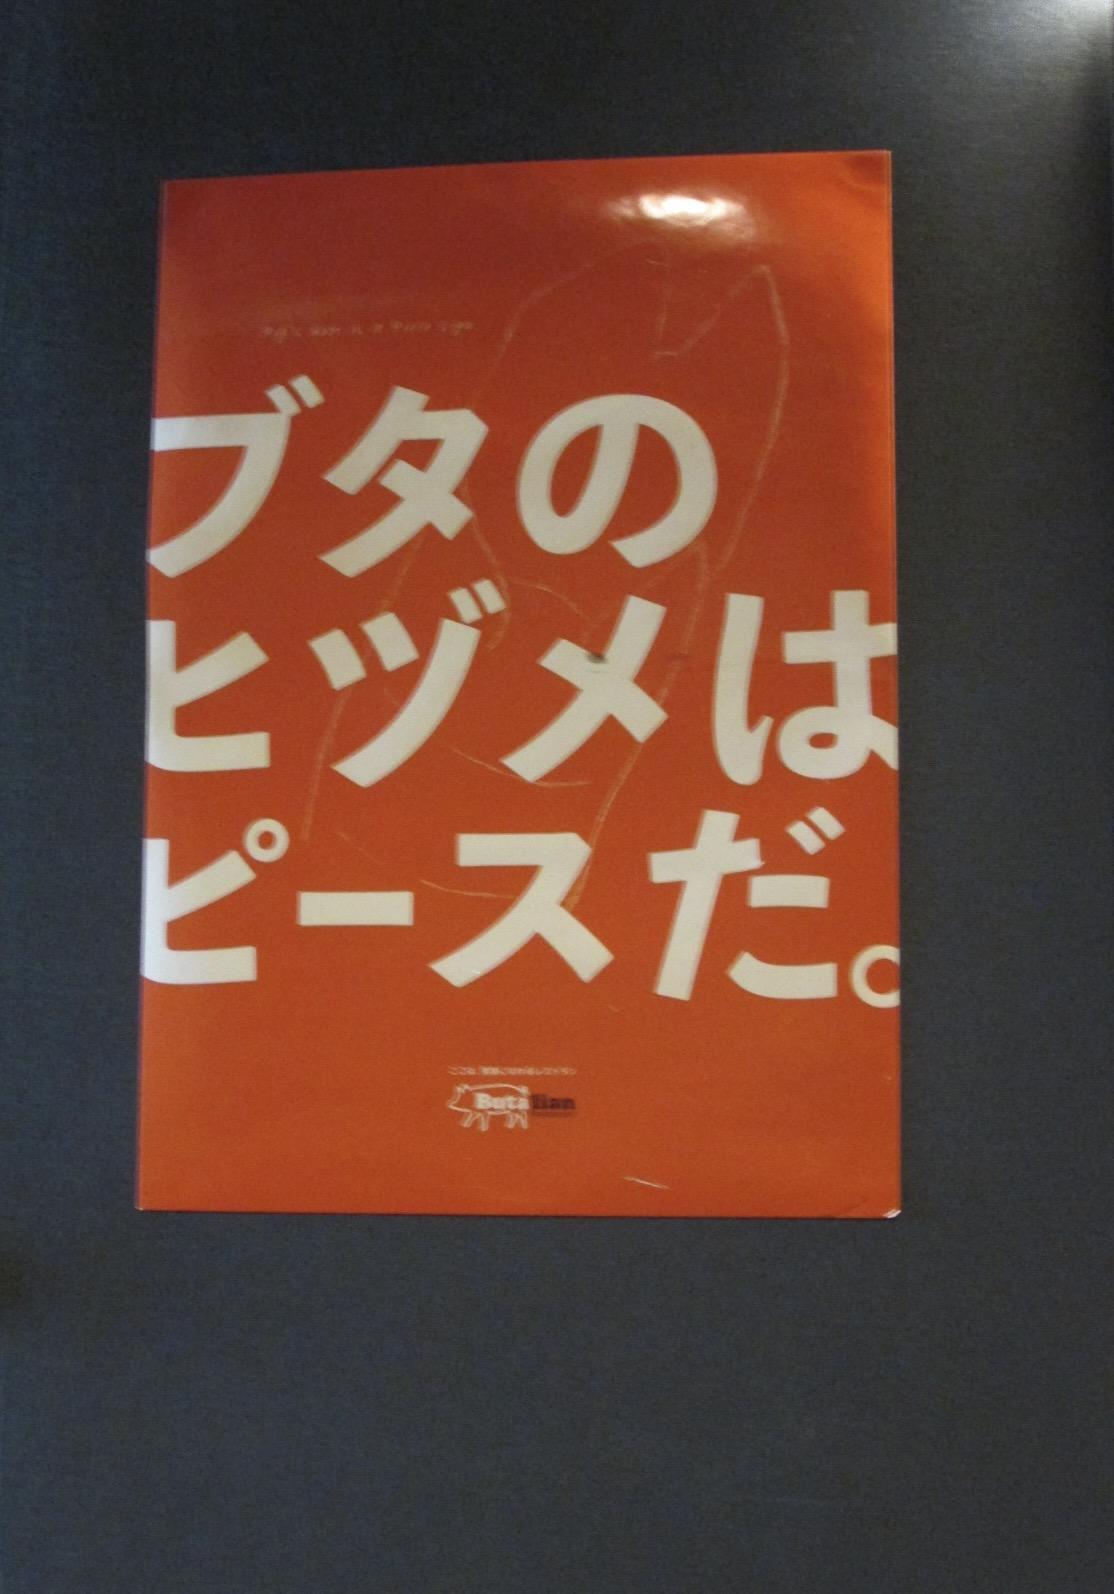 f:id:hiro-jp:20210323134100j:plain